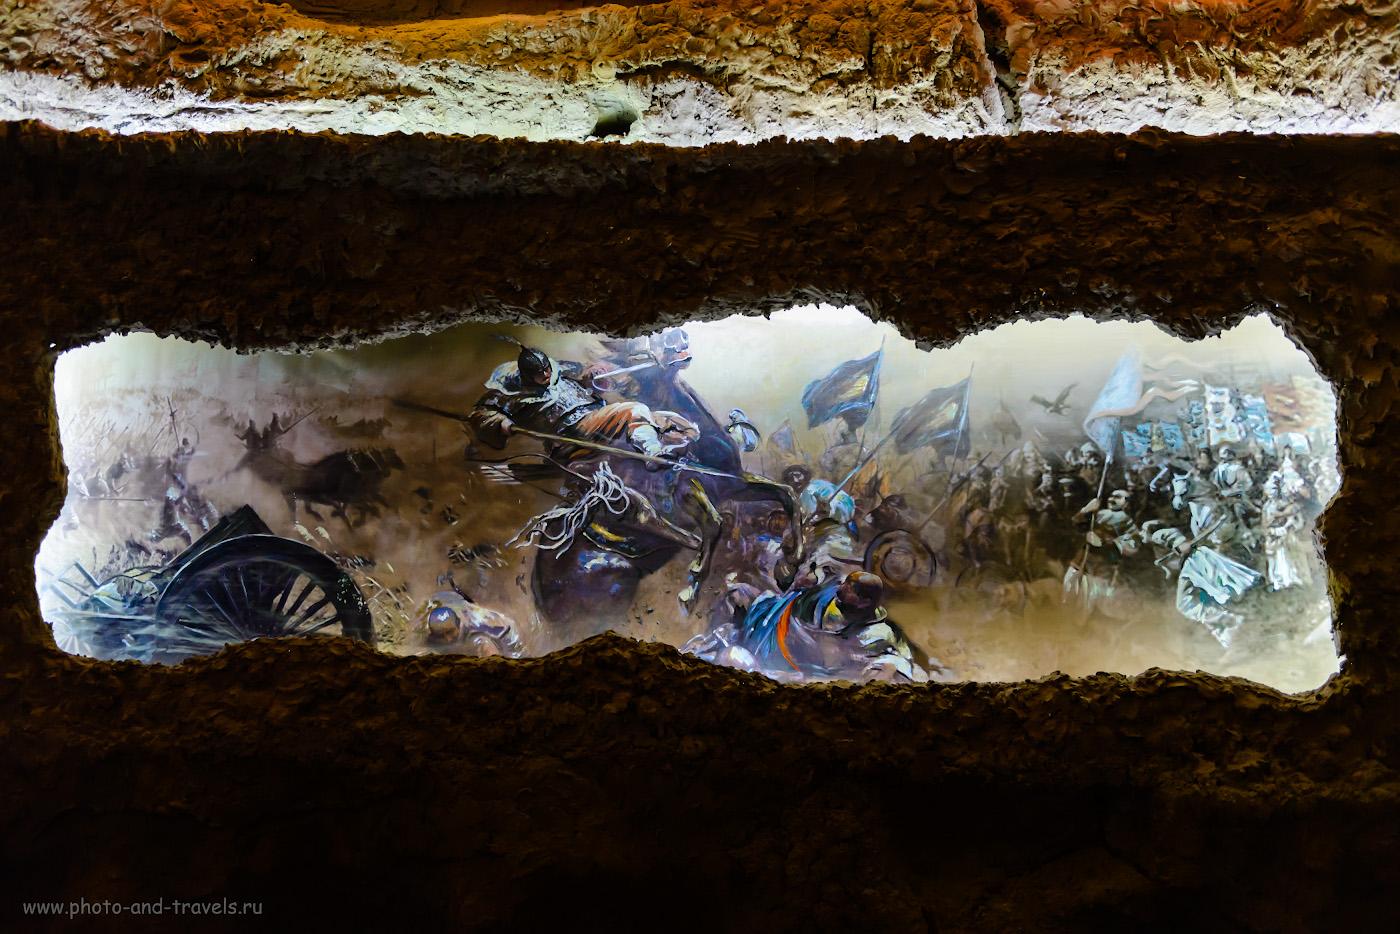 Фото 2. Земли Турфанского оазиса, политые водой из киязов и, наверное, еще больше - кровью тысяч людей, павших за возможность контролировать Цзяохэ, значимый форпост на Великом шелковом пути. В путешествии изучаем историю Китая.